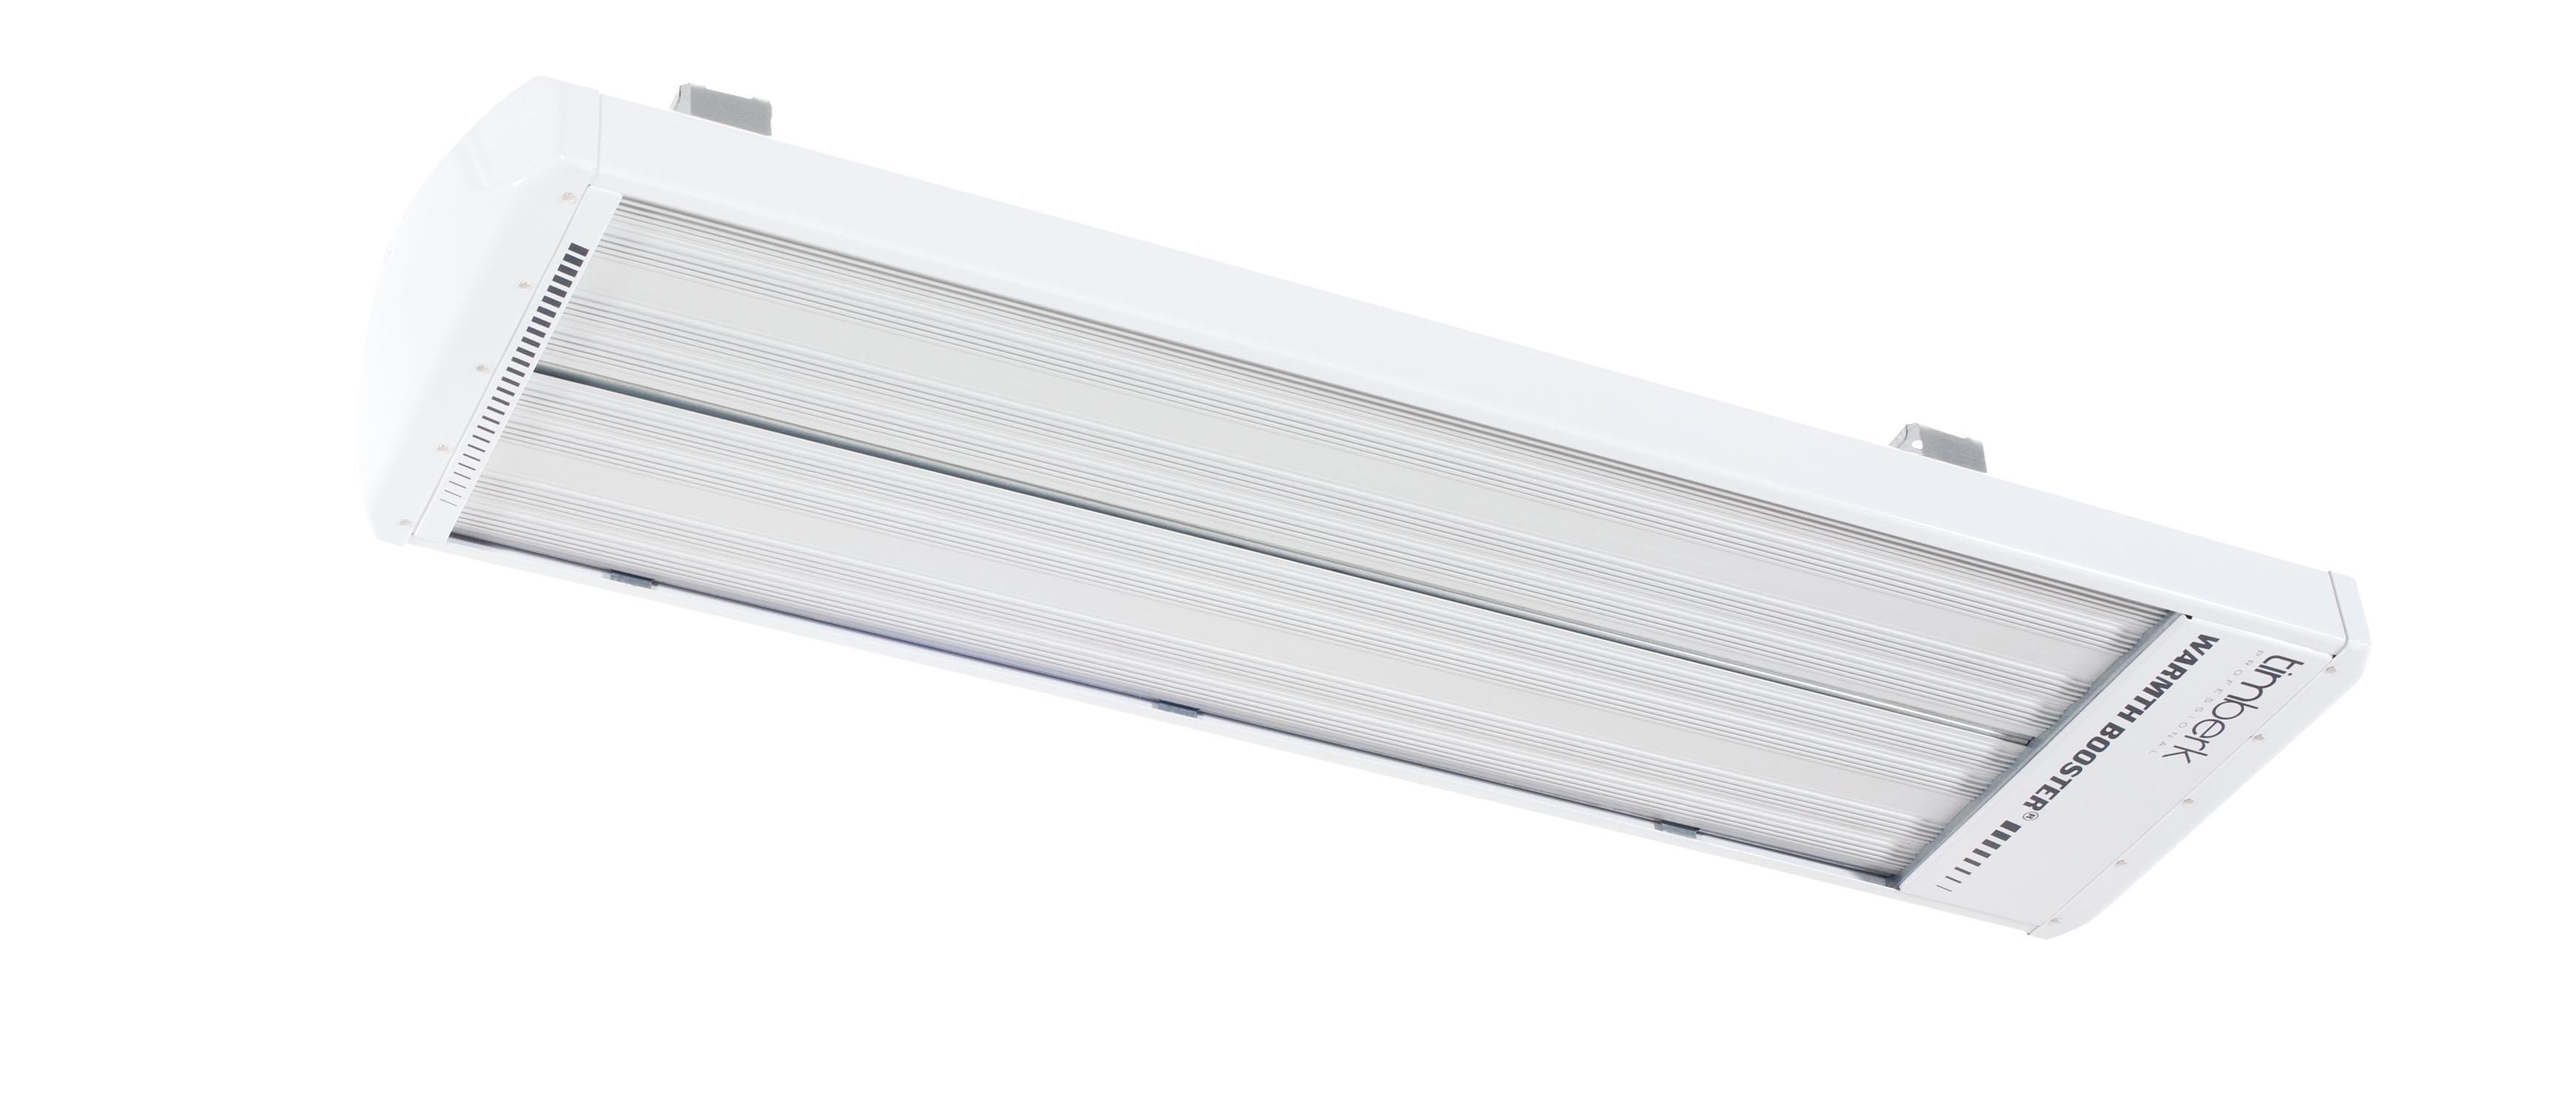 Потолочный керамический инфракрасный обогреватель Timberk Tch a1n 2000 обогреватель инфракрасный timberk tch a1n 2000